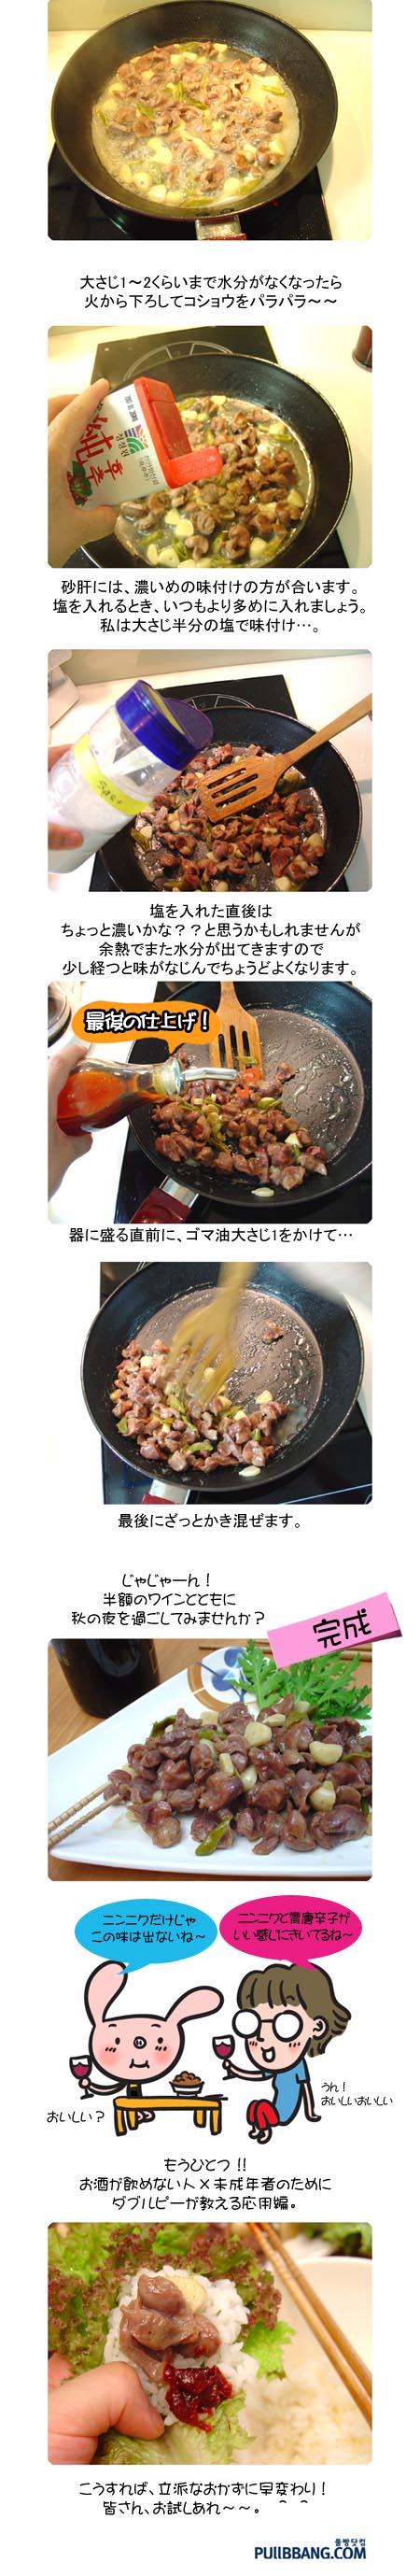 タットンチプポックム(砂肝炒め)